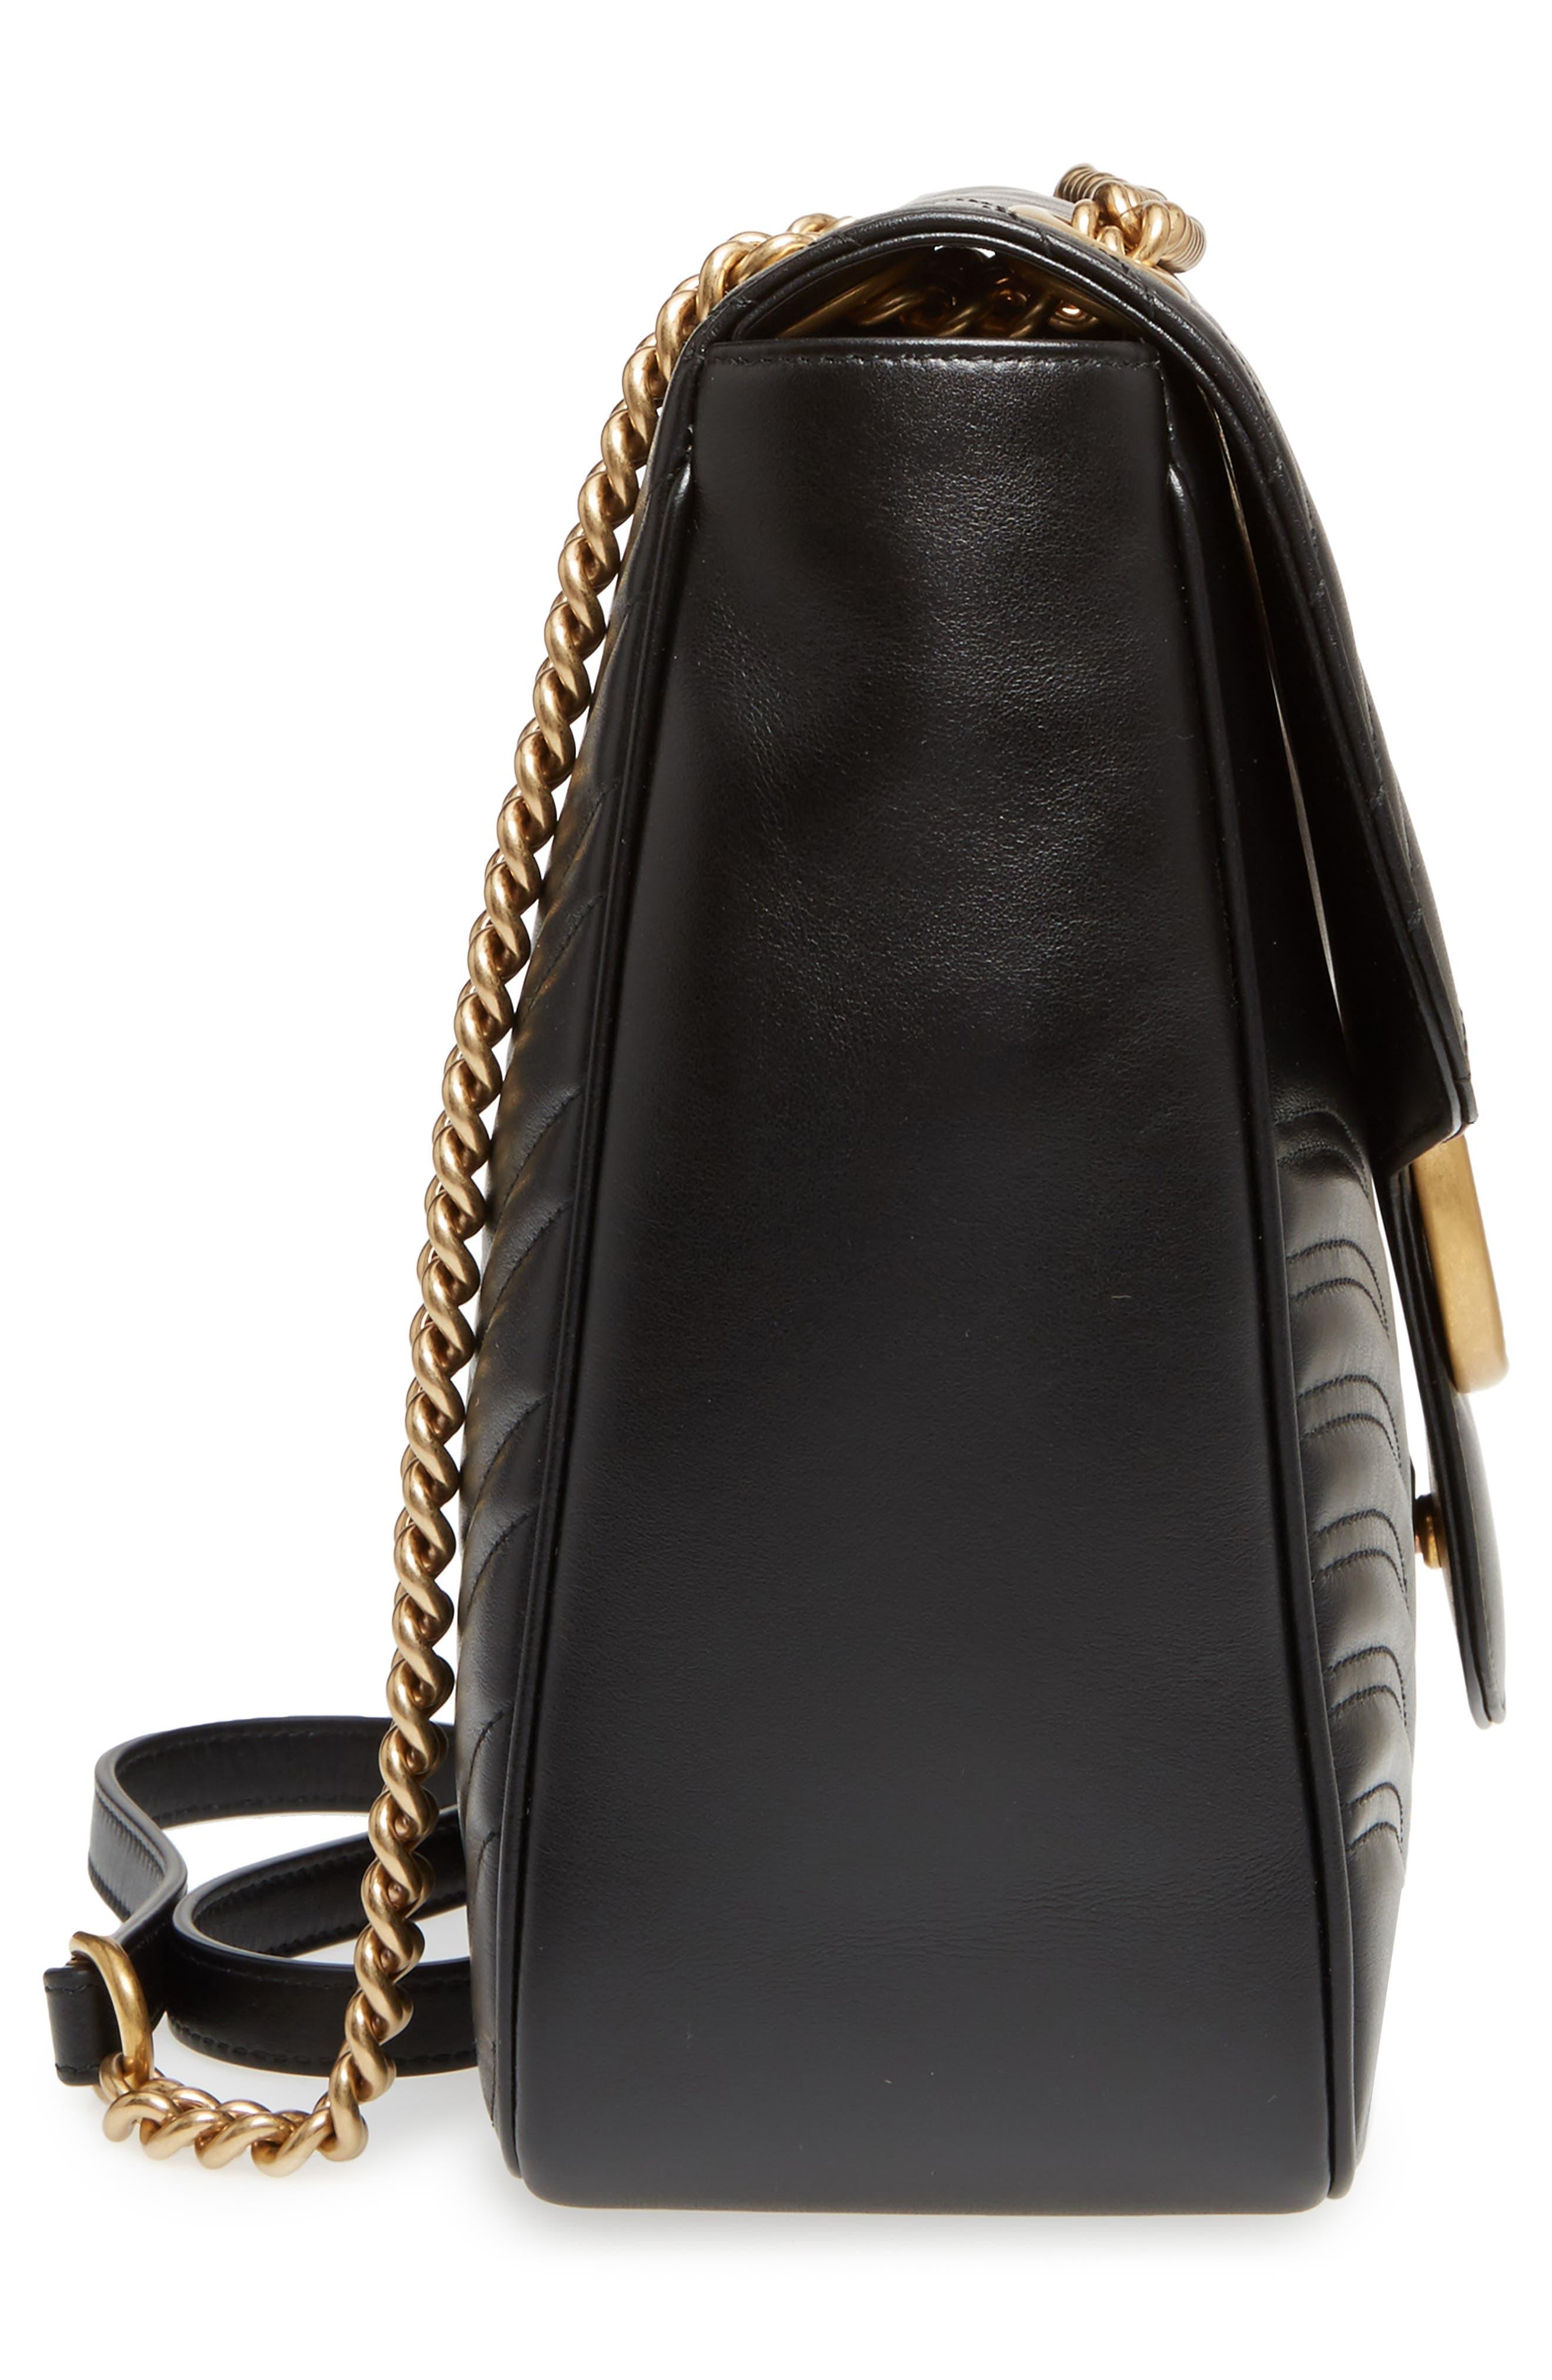 GUCCI, GG Large Marmont 2.0 Matelassé Leather Shoulder Bag, Alternate thumbnail 5, color, NERO